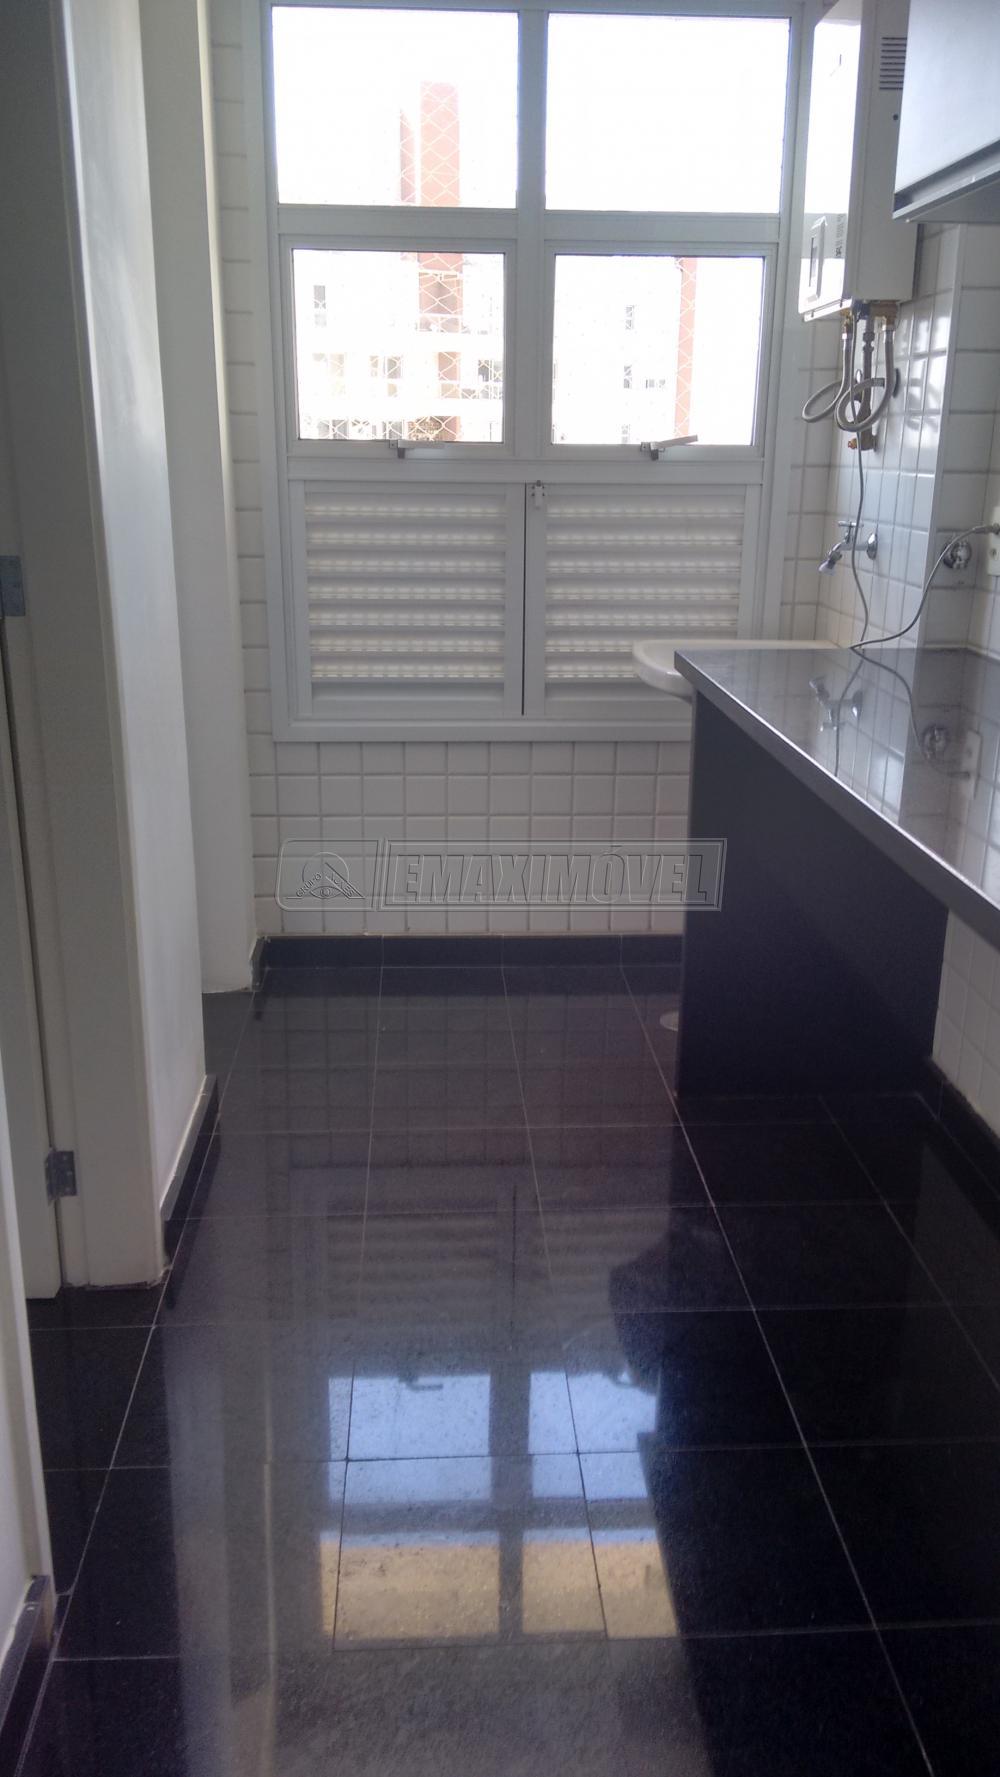 Comprar Apartamentos / Apto Padrão em Sorocaba apenas R$ 1.400.000,00 - Foto 35